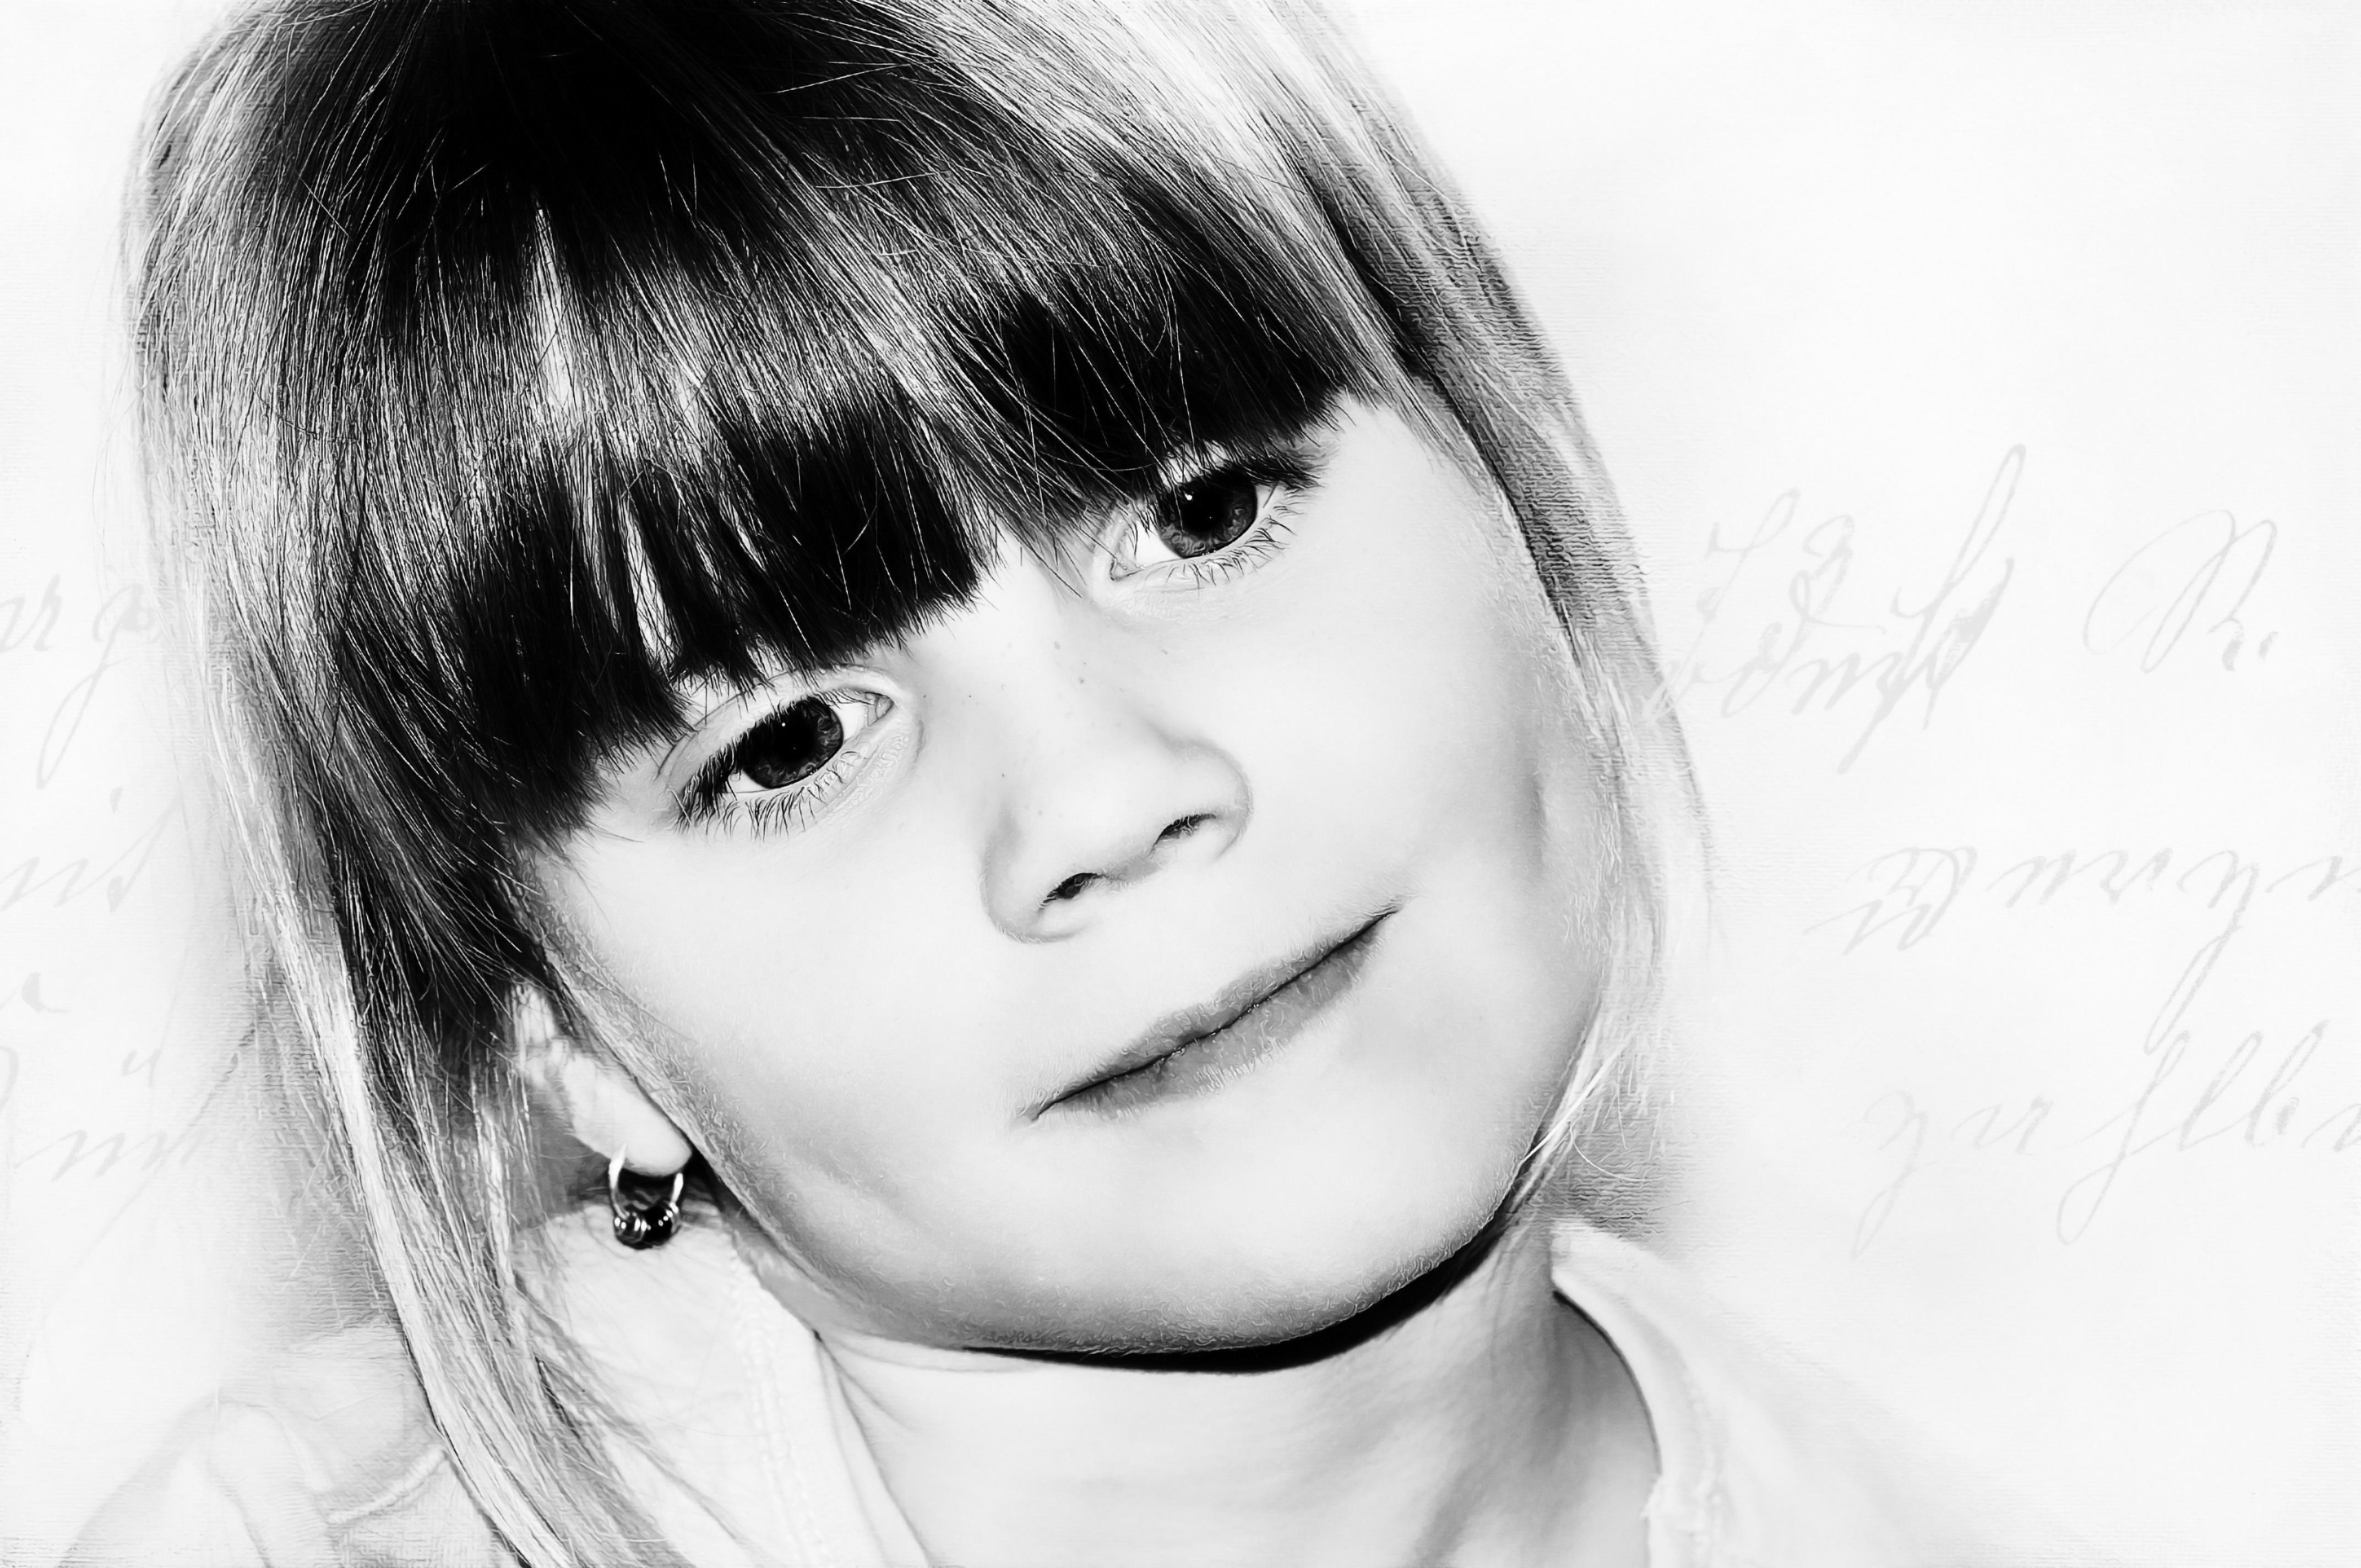 Fotoğraf Kişi Siyah Ve Beyaz Kız Görünüm Portre Model çocuk